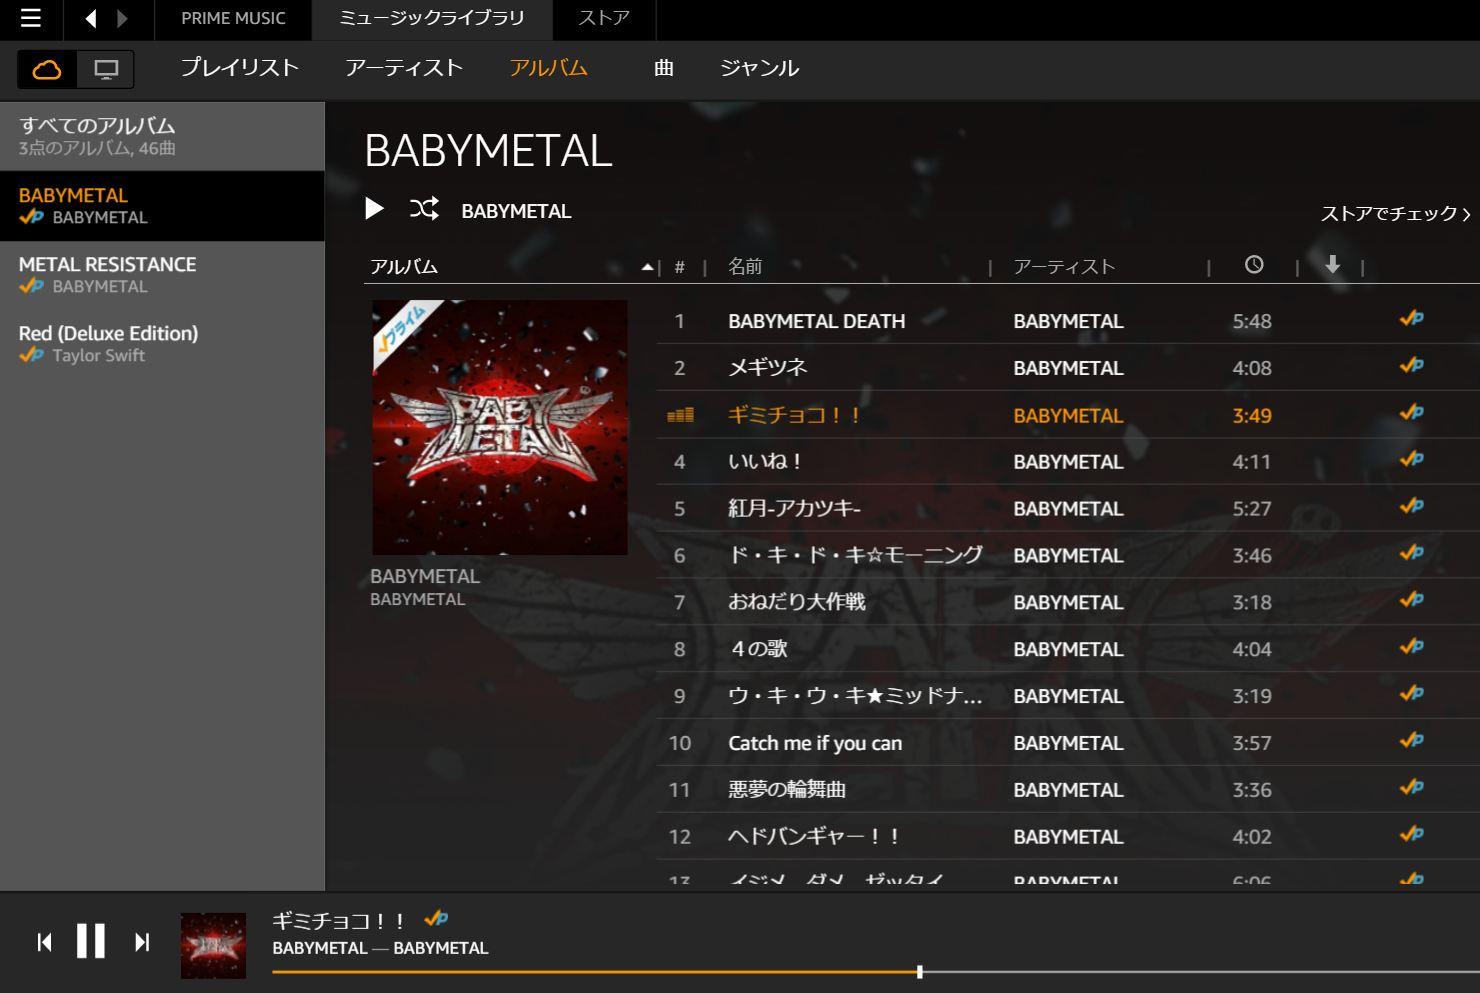 BABYMETAL最新アルバム聴き放題のプライムミュージック便利すぎ [Amazon Prime Music] (2)